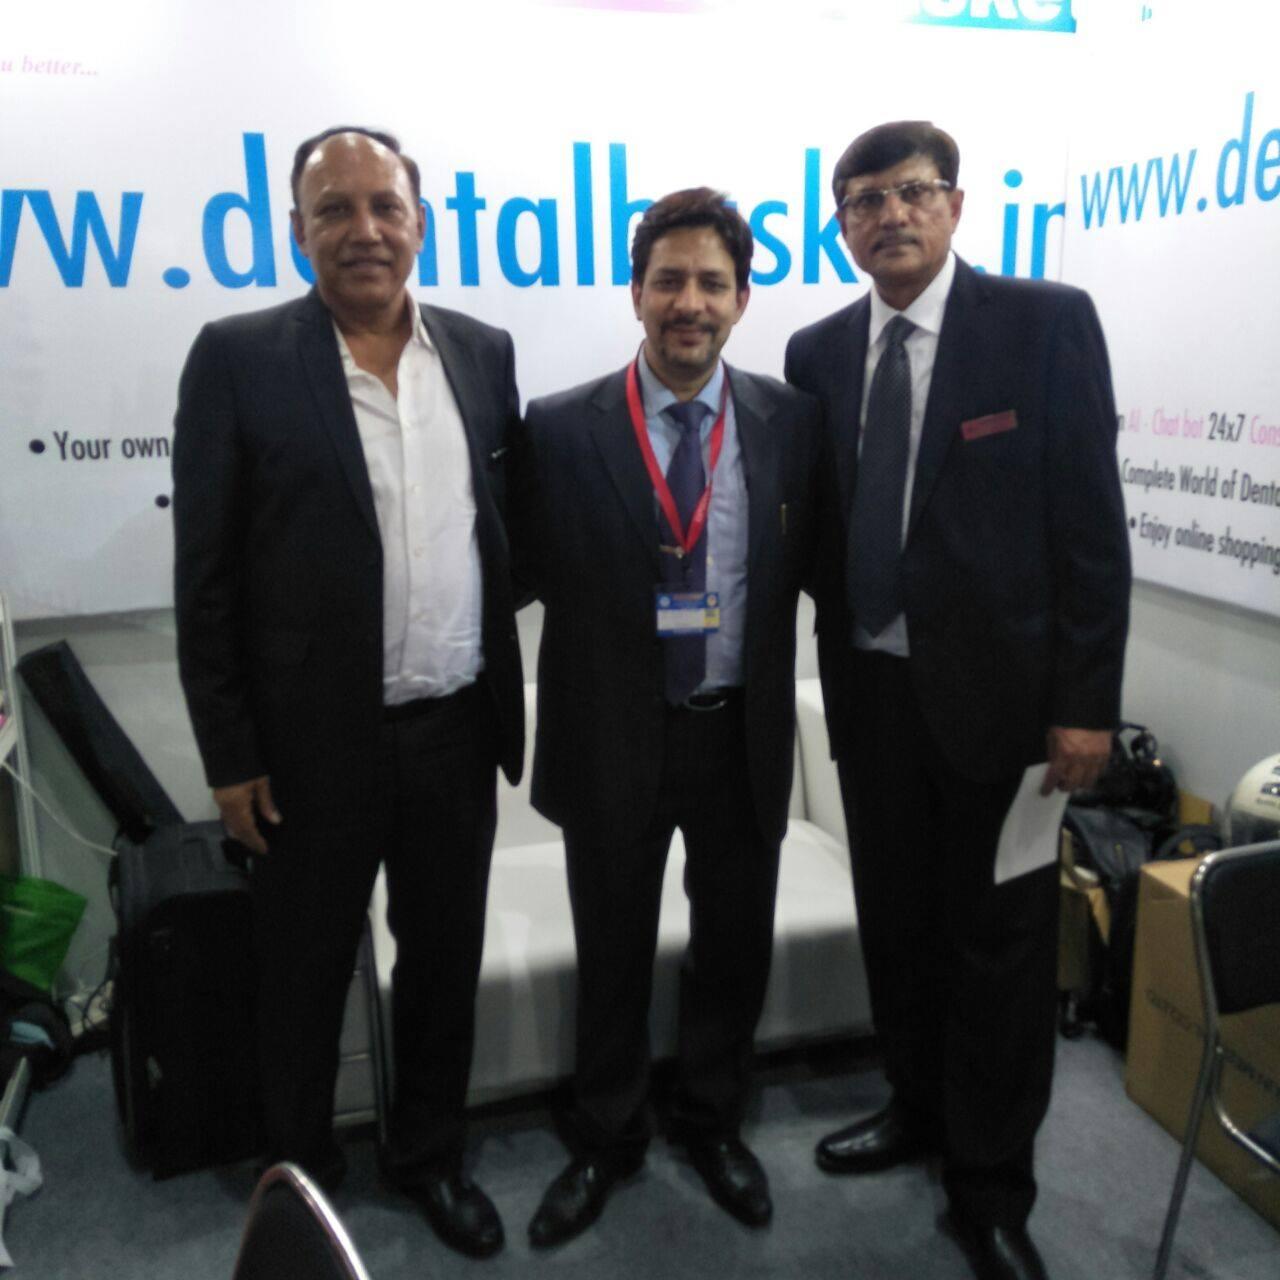 Member of Dental Trade Association ADITI